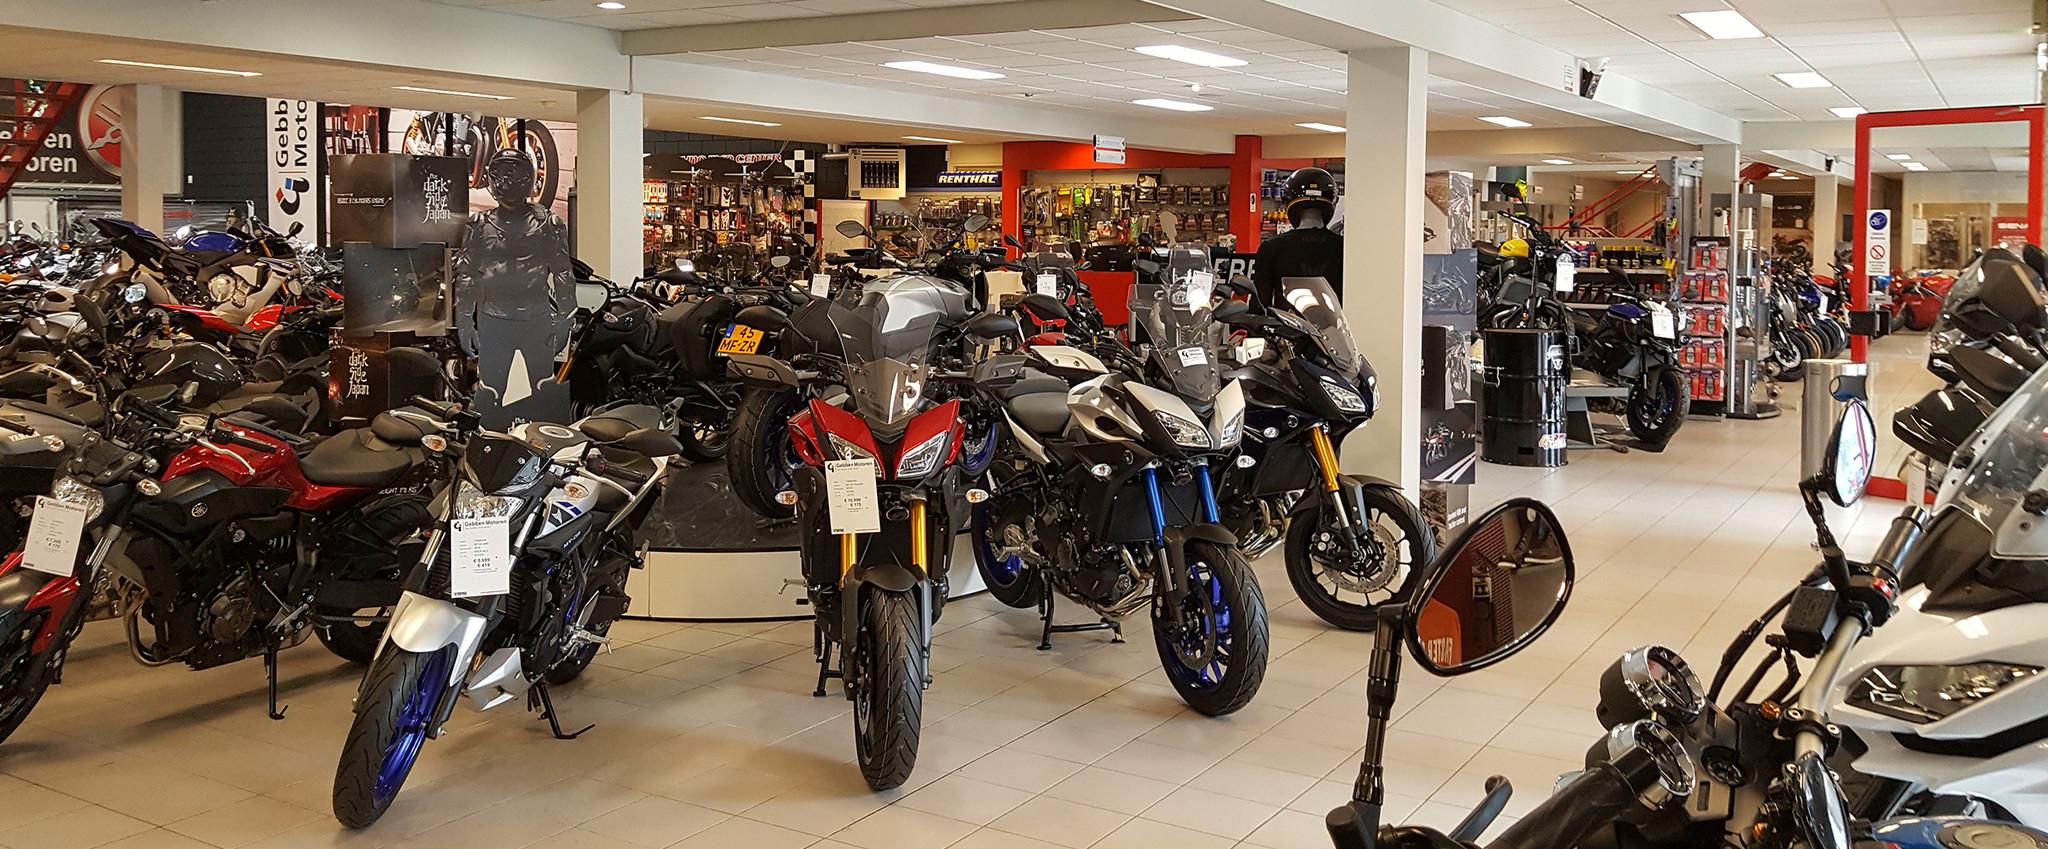 Gebben Motoren showroom binnen